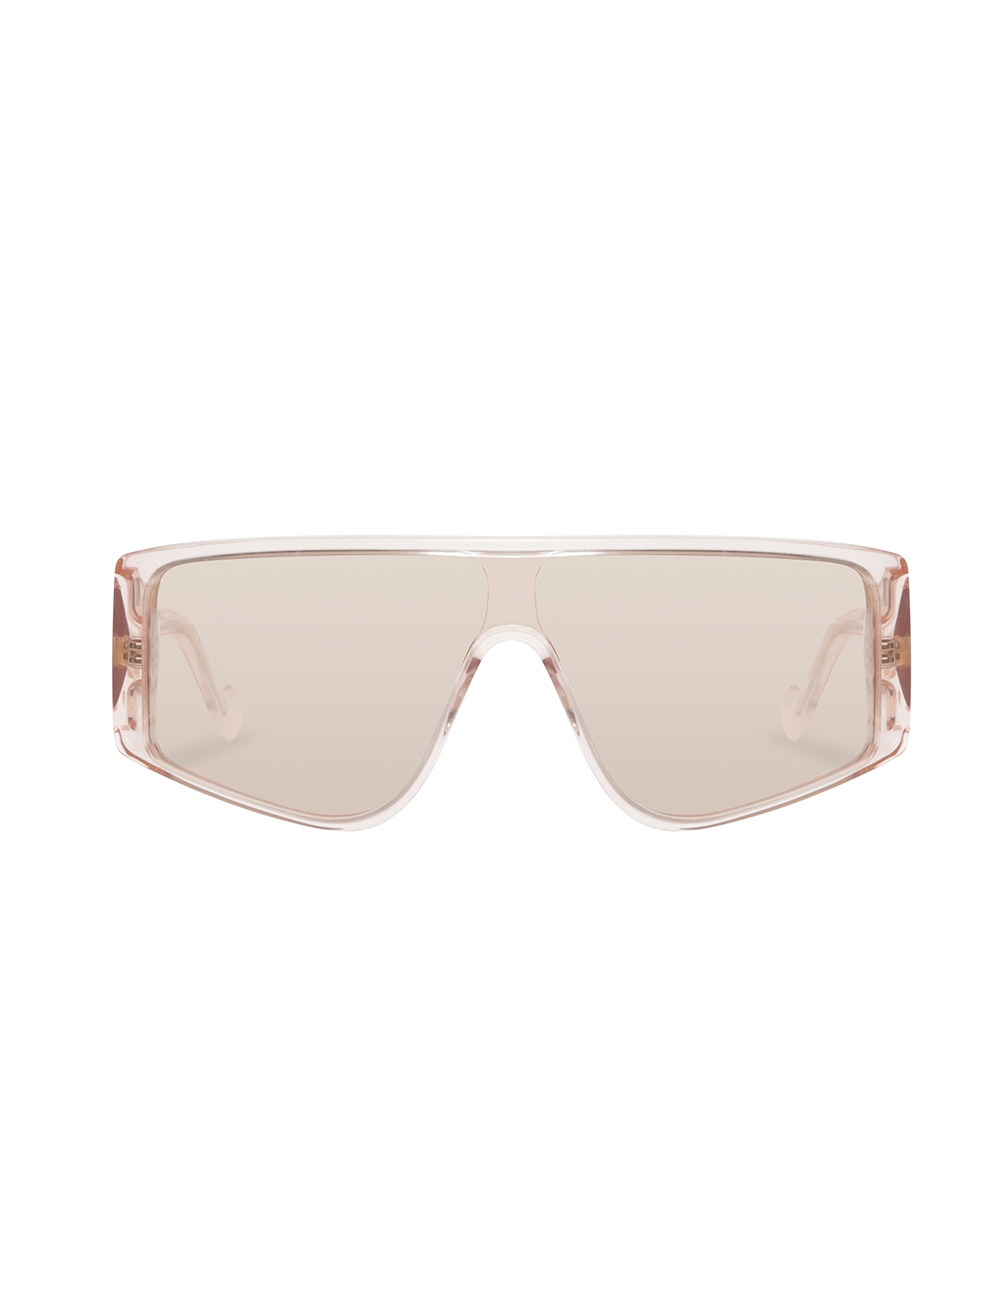 Whitewash Sunglasses